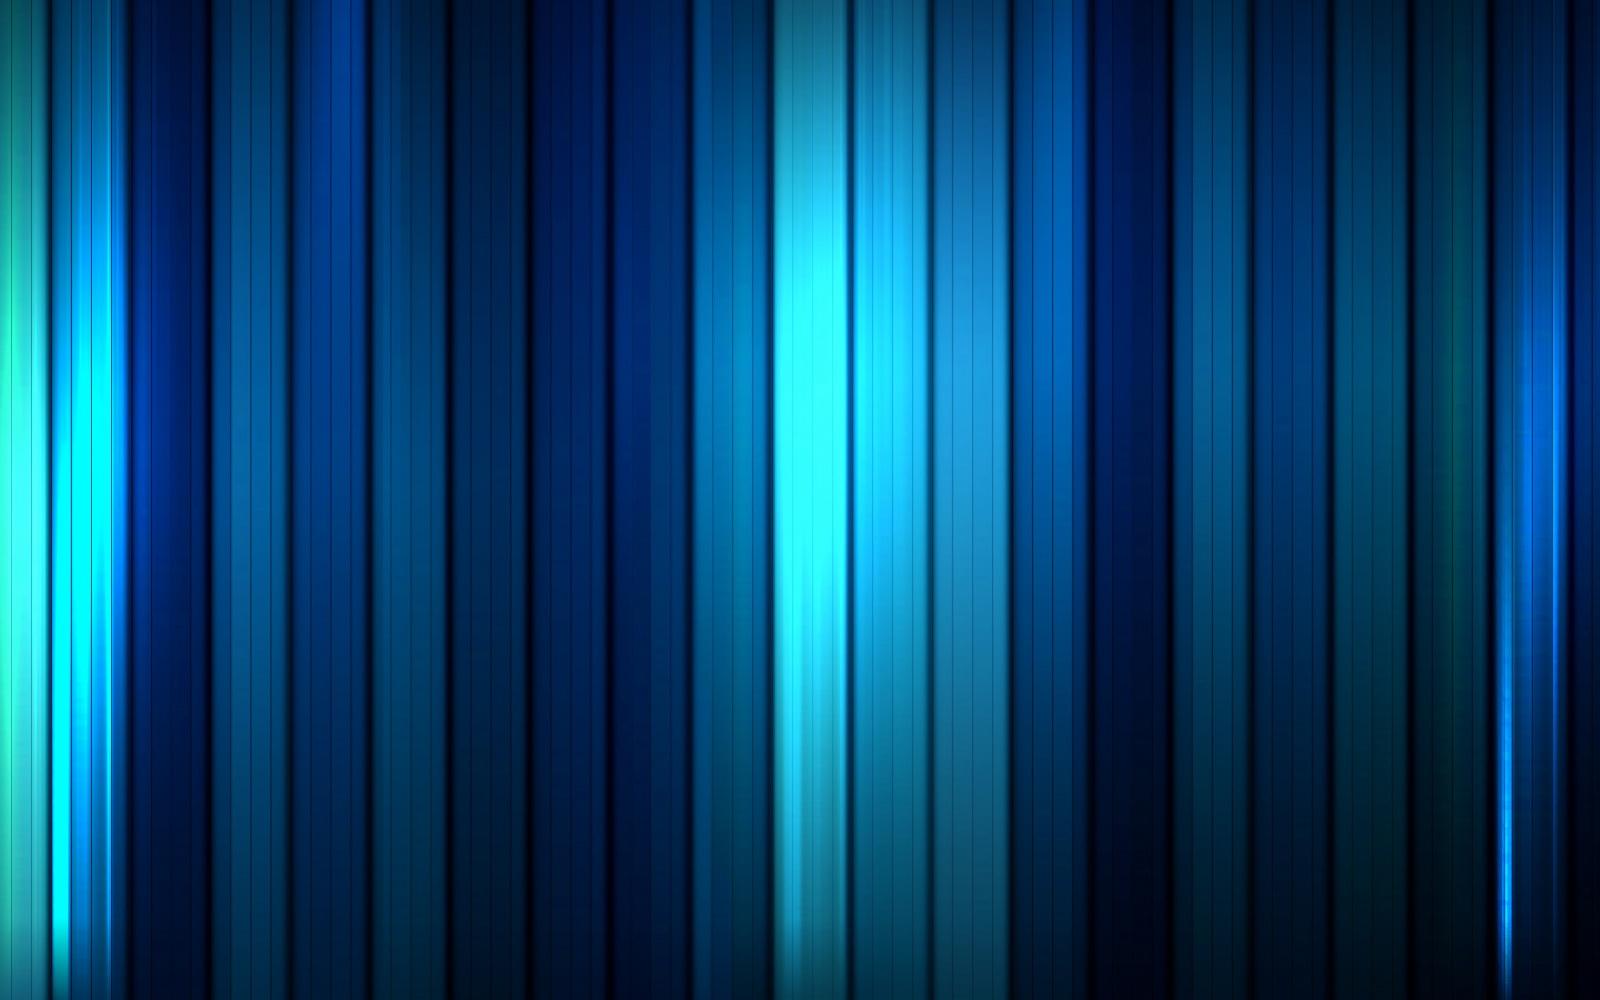 wallpaper views blue hd wallpaper 3d blue wallpaper new